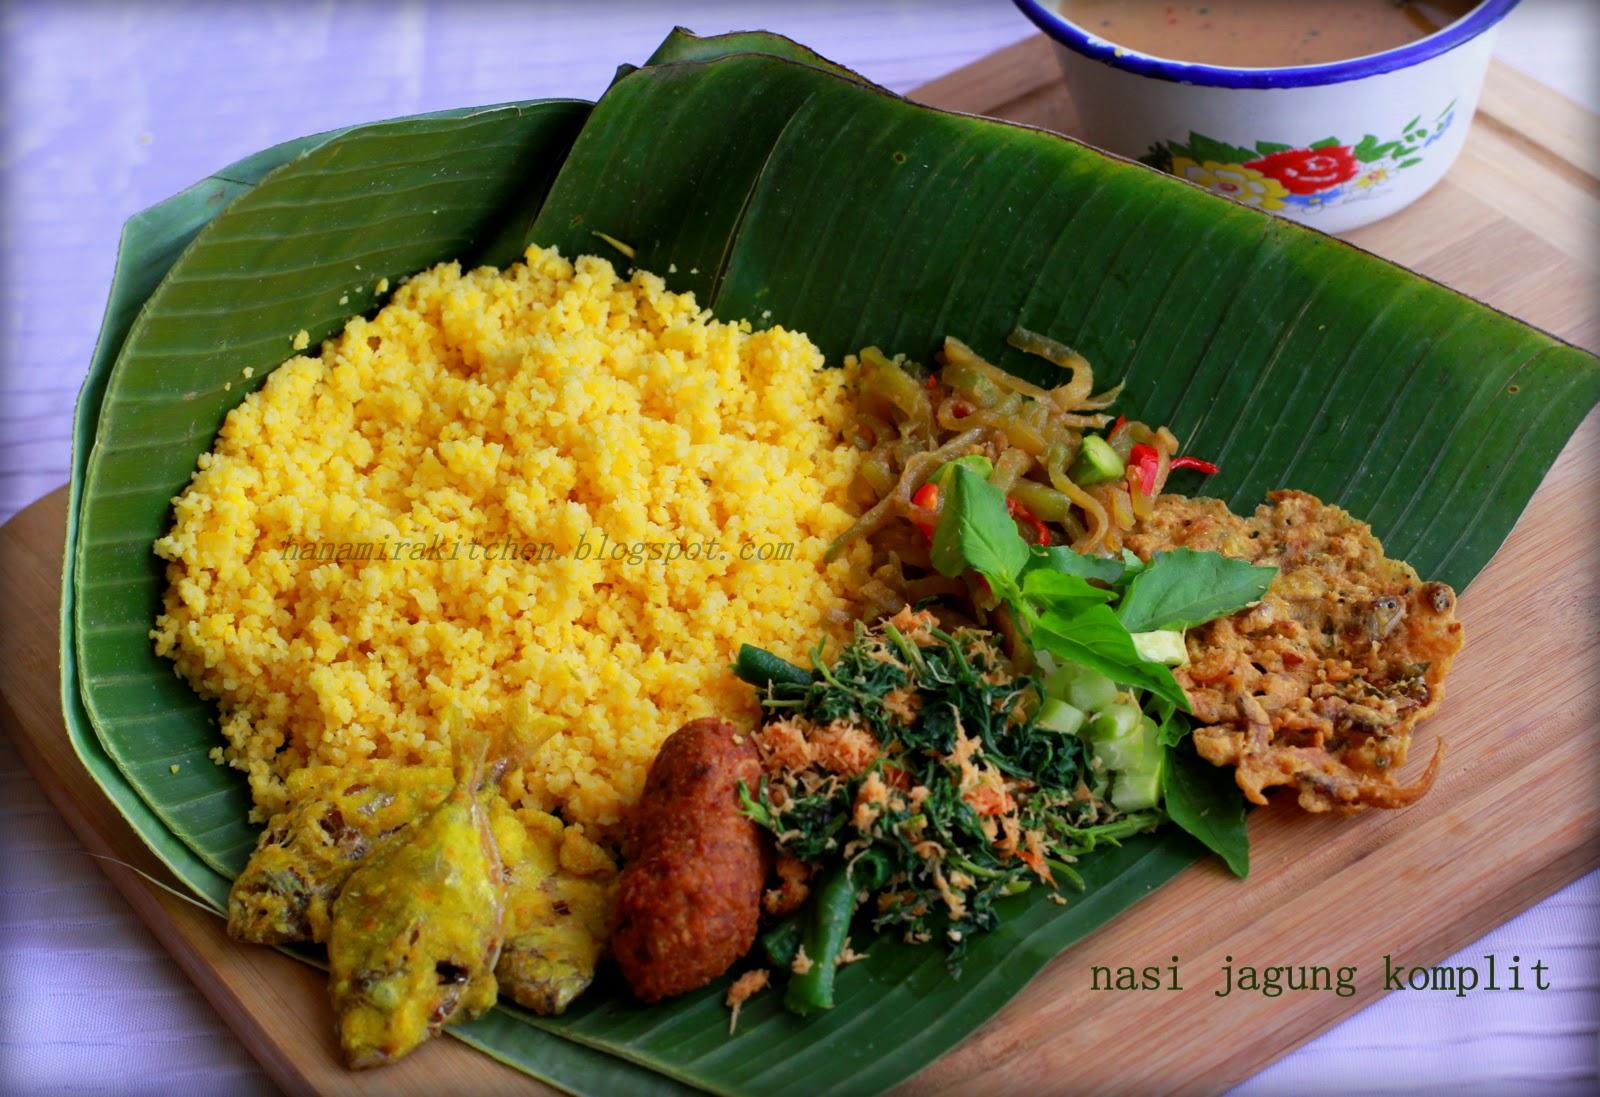 13 Manfaat Nasi Jagung Bagi Kesehatan dan Diabetes